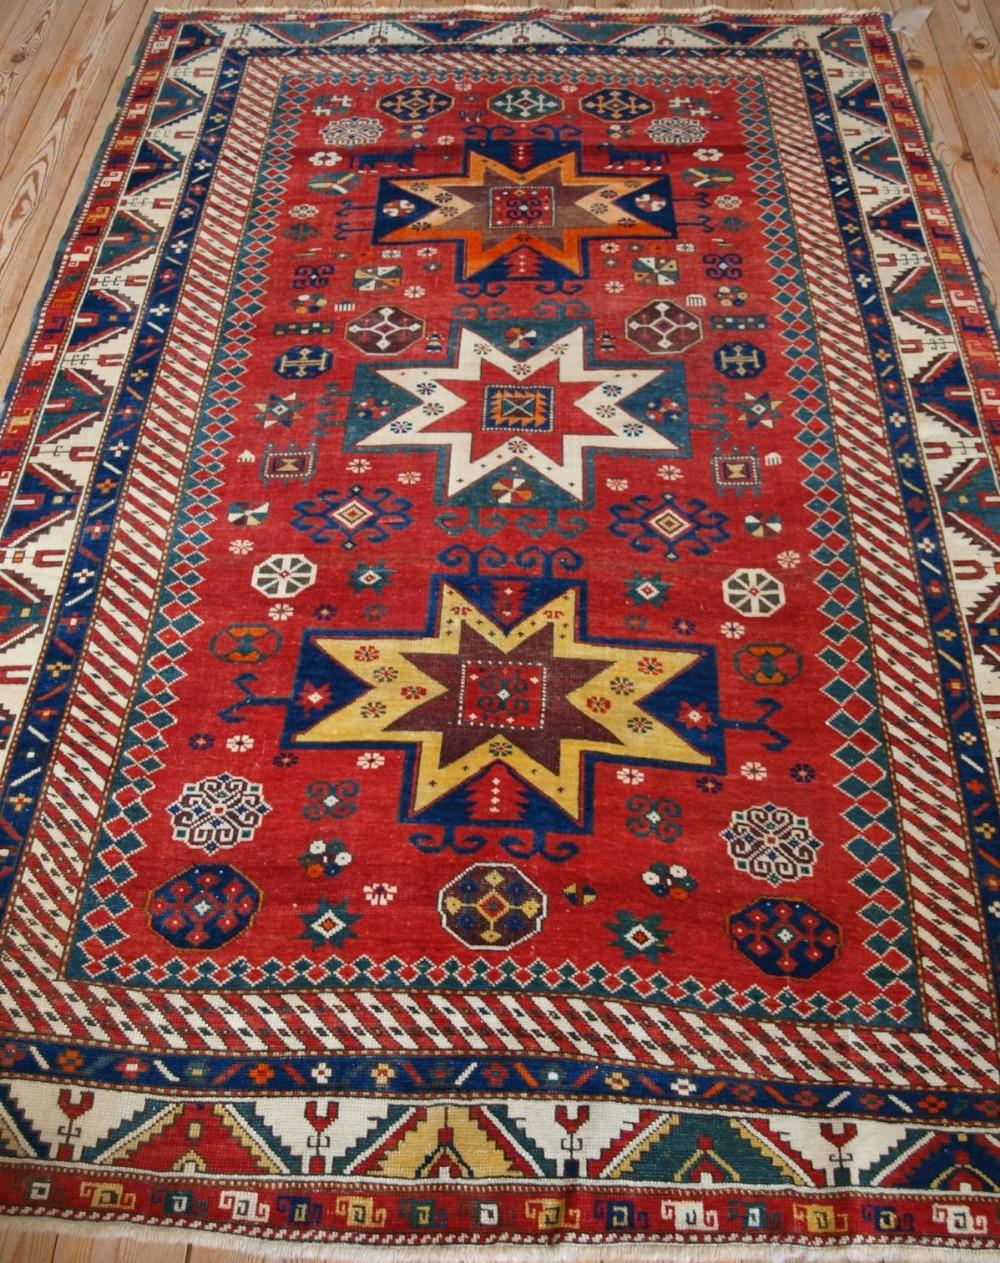 antique caucasian star kazak rug rare unusual design late 19th century